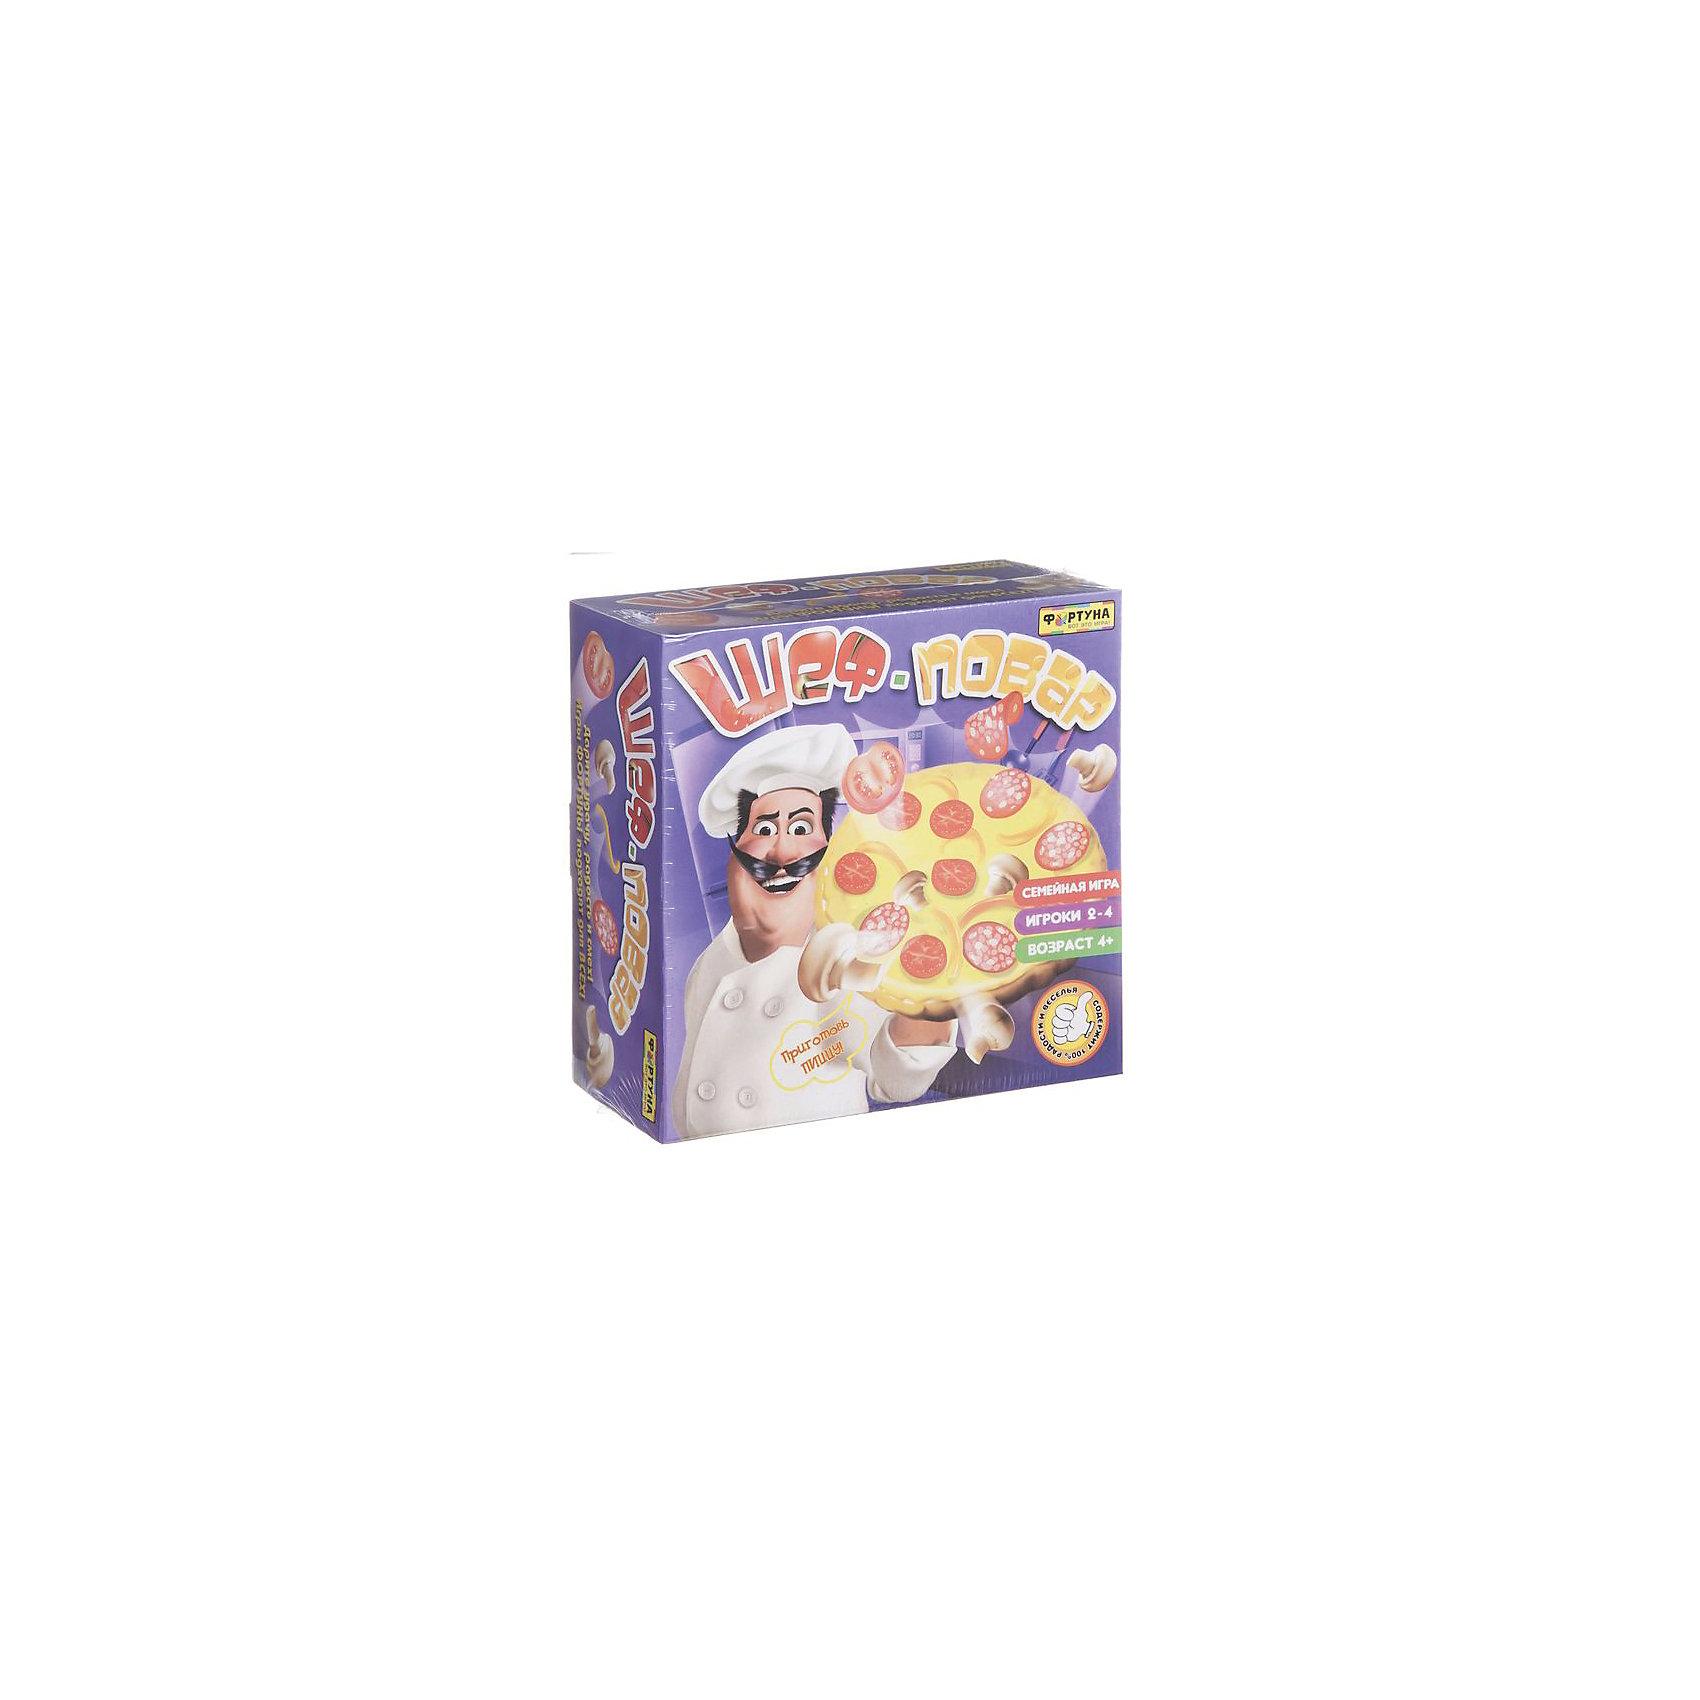 Настольная игра Шеф-повар, ФортунаНастольные игры<br>Характеристики:<br><br>• Вид игр: настольные игры<br>• Пол: универсальный<br>• Материал: пластик, бумага, картон<br>• Количество игроков: от 2-х до 4 человек<br>• Размер (Д*Ш*В): 26*6*24 см<br>• Вес: 450 г<br>• Комплектация: лепешка-пицца, ингридиенты для пиццы, игровой кубик, инструкция<br><br>Настольная игра Шеф-повар, Фортуна от отечественного производителя, специализирующегося на данного вида играх, предназначена для веселого времяпрепровождения от 2 до 4-х человек. Цель игры заключается в том, чтобы разместить на пицце выпавший игроку ингридиент при бросании кубика и при этом не перевернуть пиццу. Элементы игры выполнены из качественного и безопасного пластика, упакованы в картонную коробку. В комплекте имеется инструкция с правилами игры.<br><br>Настольные игры от Фортуны научат ребенка внимательности, усидчивости, позволят ему развивать, тактическое, стратегическое и логическое мышление. Игры с несколькими участниками позволяют в легкой форме осваивать социальные навыки взаимодействия и выстраивать коммуникацию с другими участниками игры. Настольная игра Шеф-повар, Фортуна может стать прекрасным вариантом в качестве подарка к празднику для любого ребенка! <br><br>Настольную игру Шеф-повар, Фортуна можно купить в нашем интернет-магазине.<br><br>Ширина мм: 270<br>Глубина мм: 110<br>Высота мм: 270<br>Вес г: 650<br>Возраст от месяцев: 48<br>Возраст до месяцев: 2147483647<br>Пол: Унисекс<br>Возраст: Детский<br>SKU: 5121946